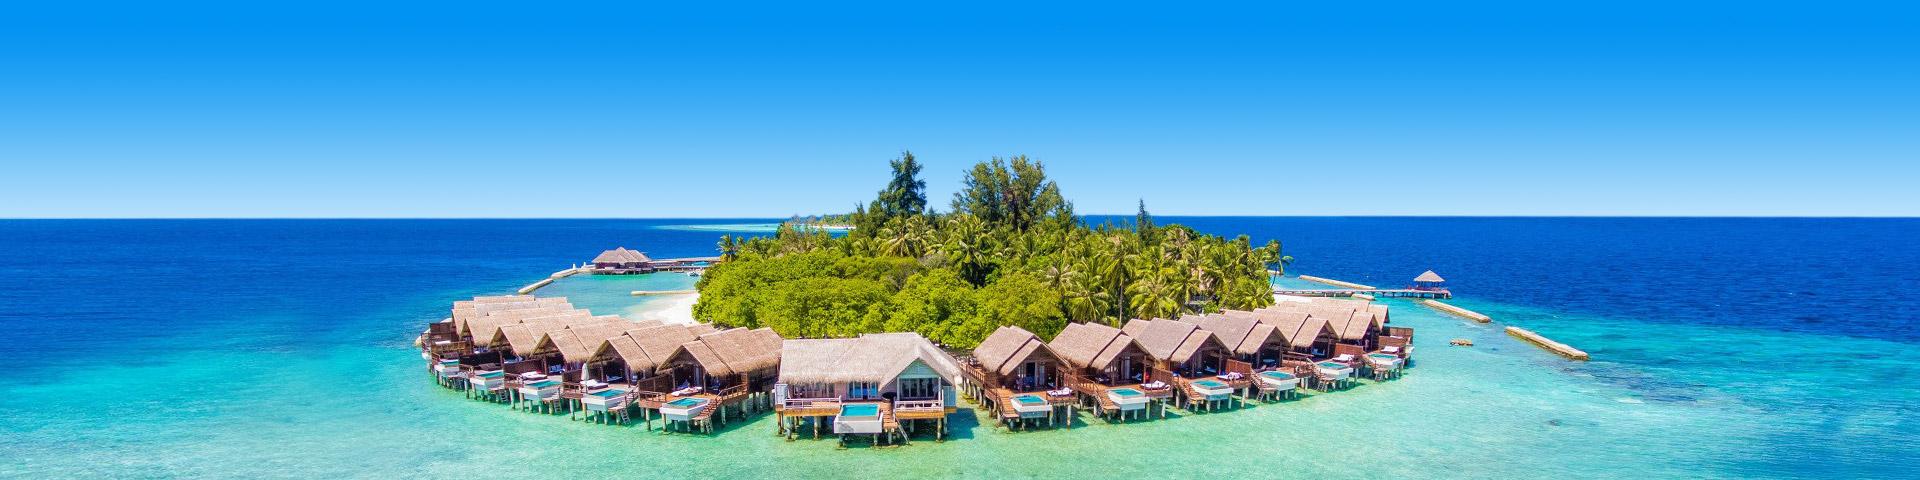 Boutique resort op het strand omringd door blauwe zee